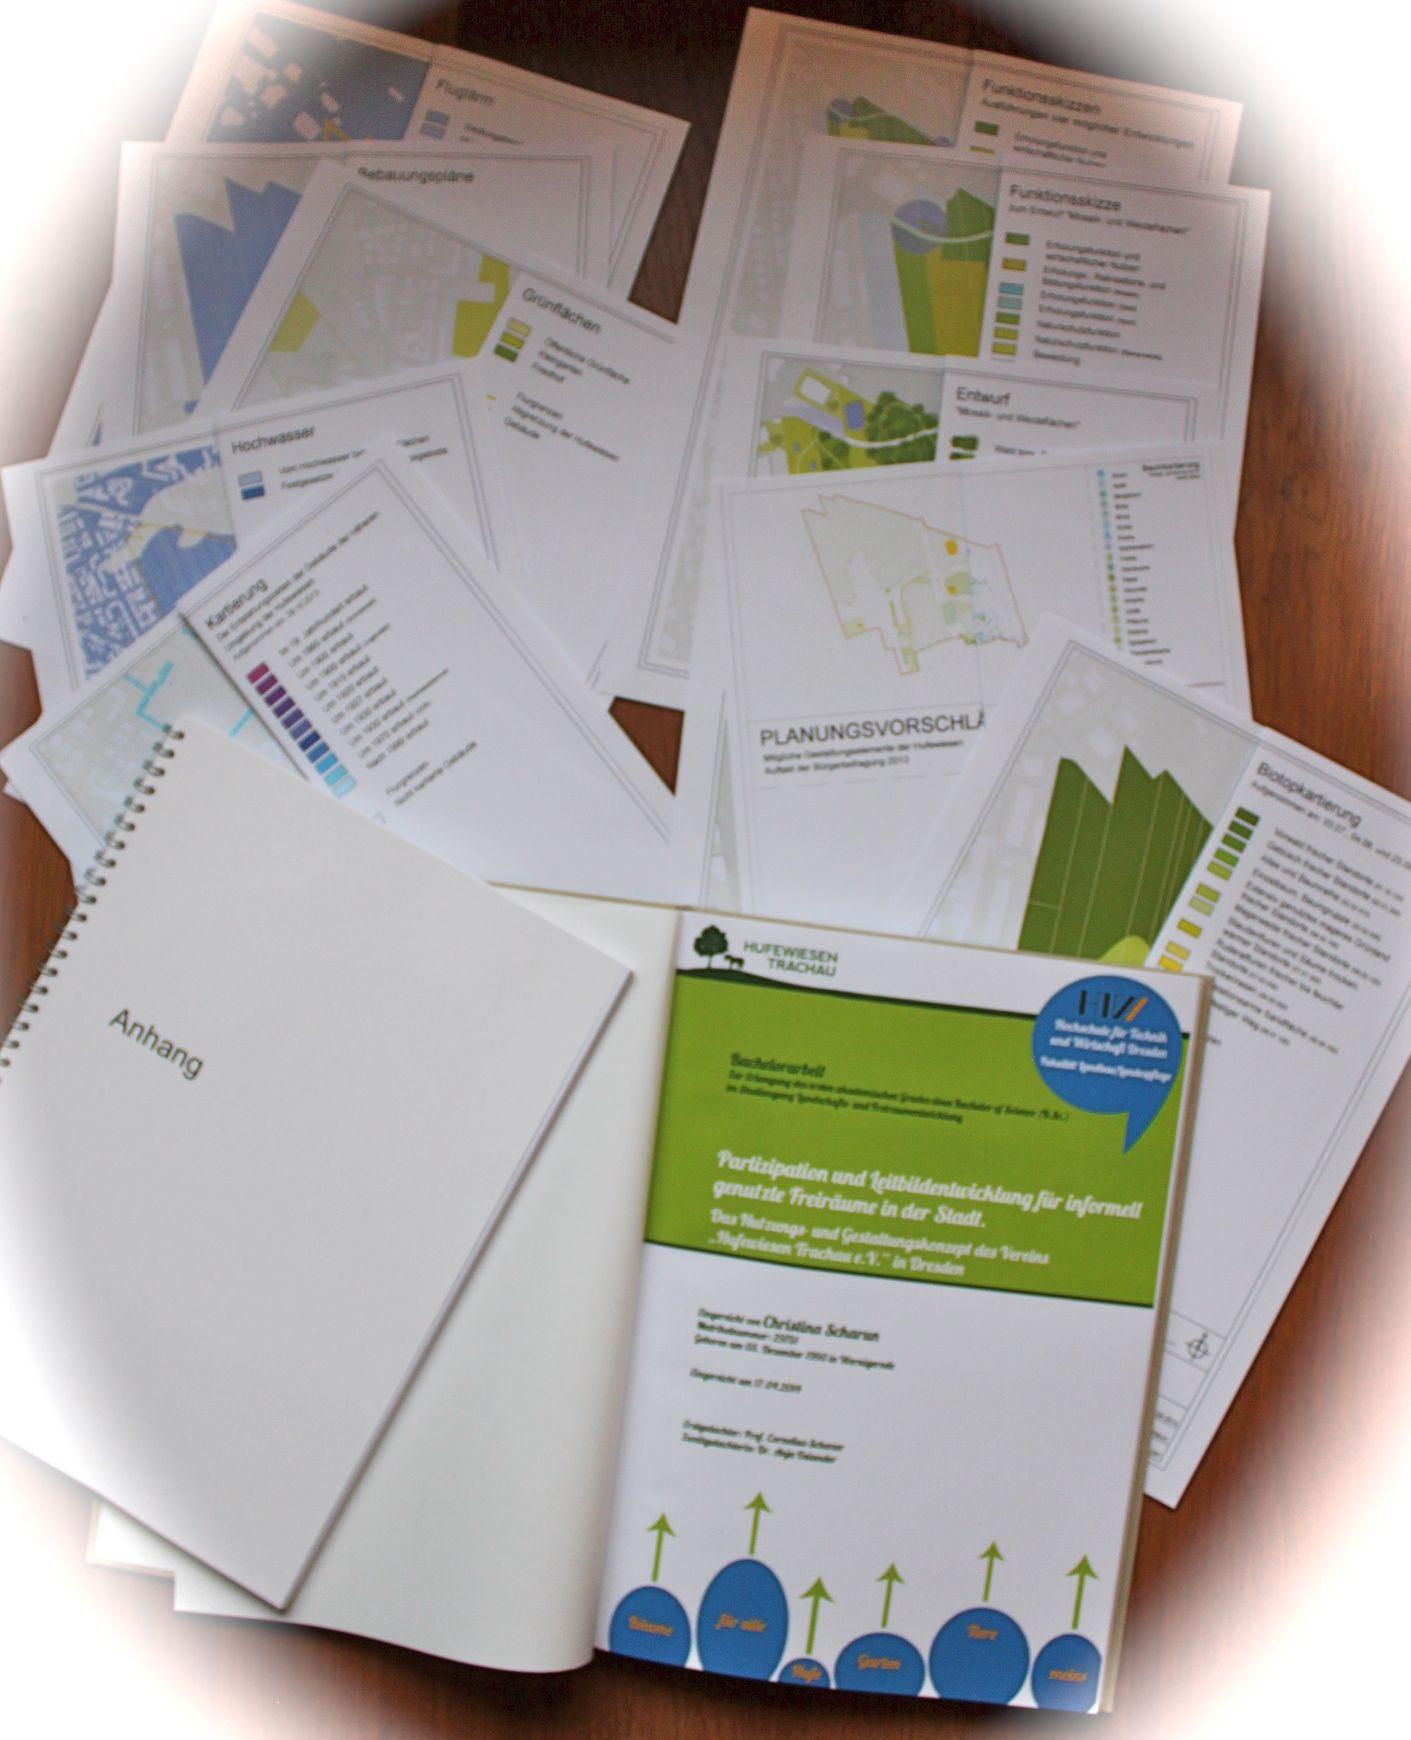 Bachelorarbeit von Christian Scharun über die Hufewiesen, April 2014